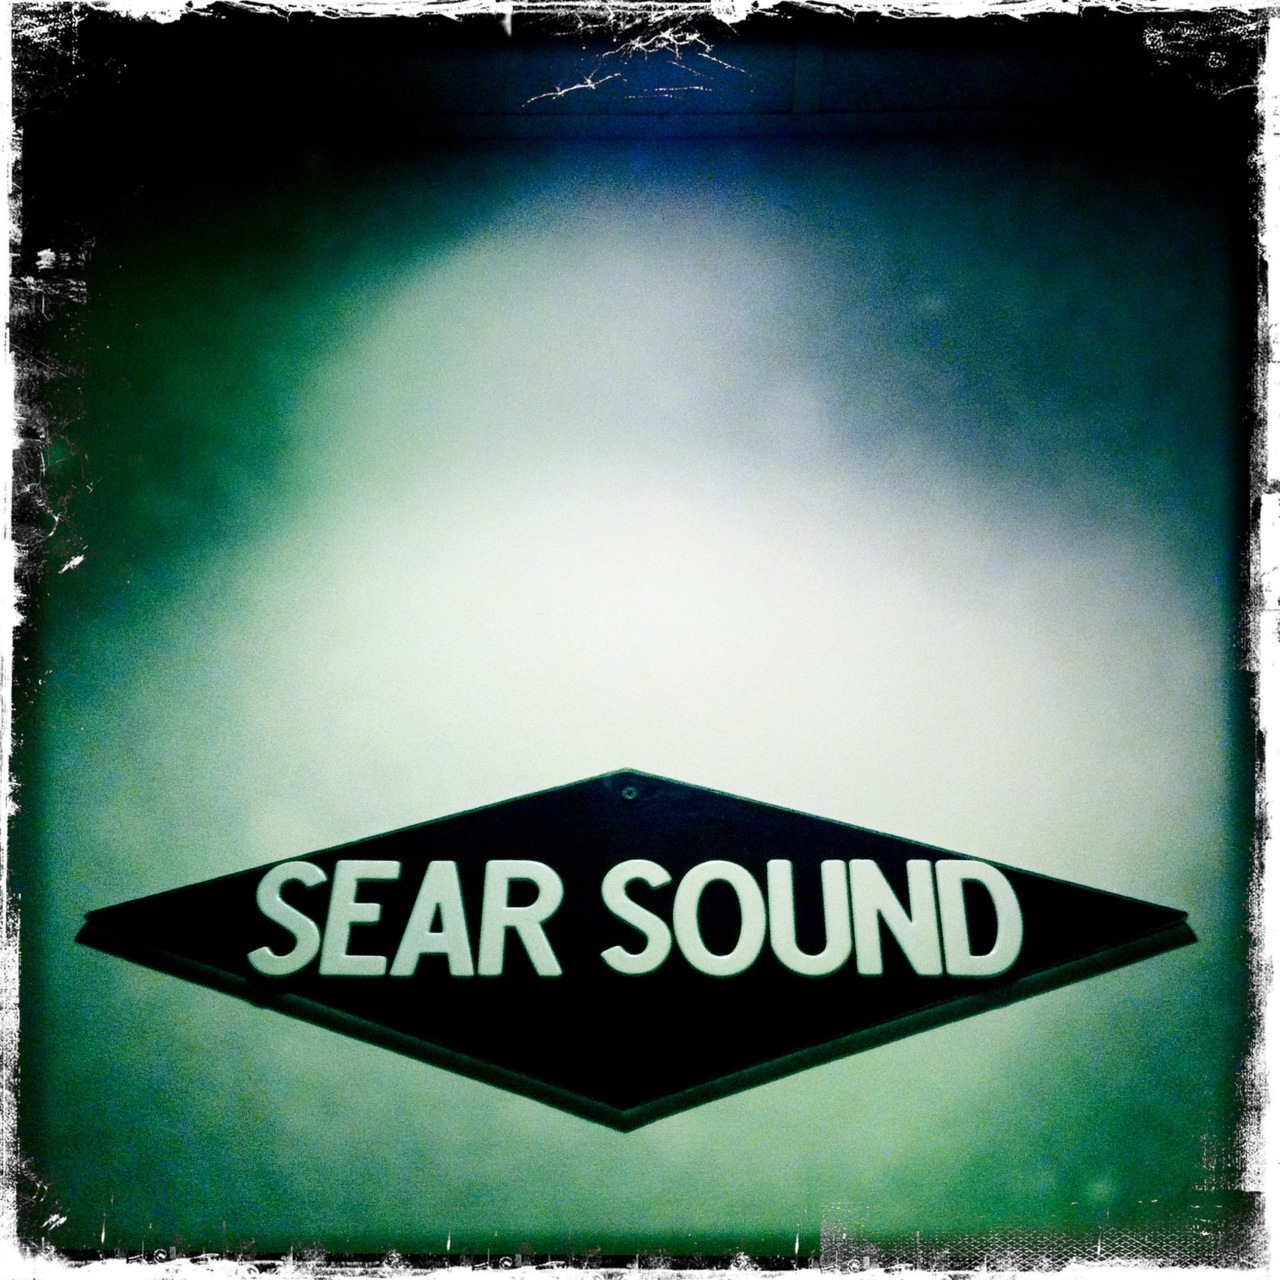 Sear Sound.